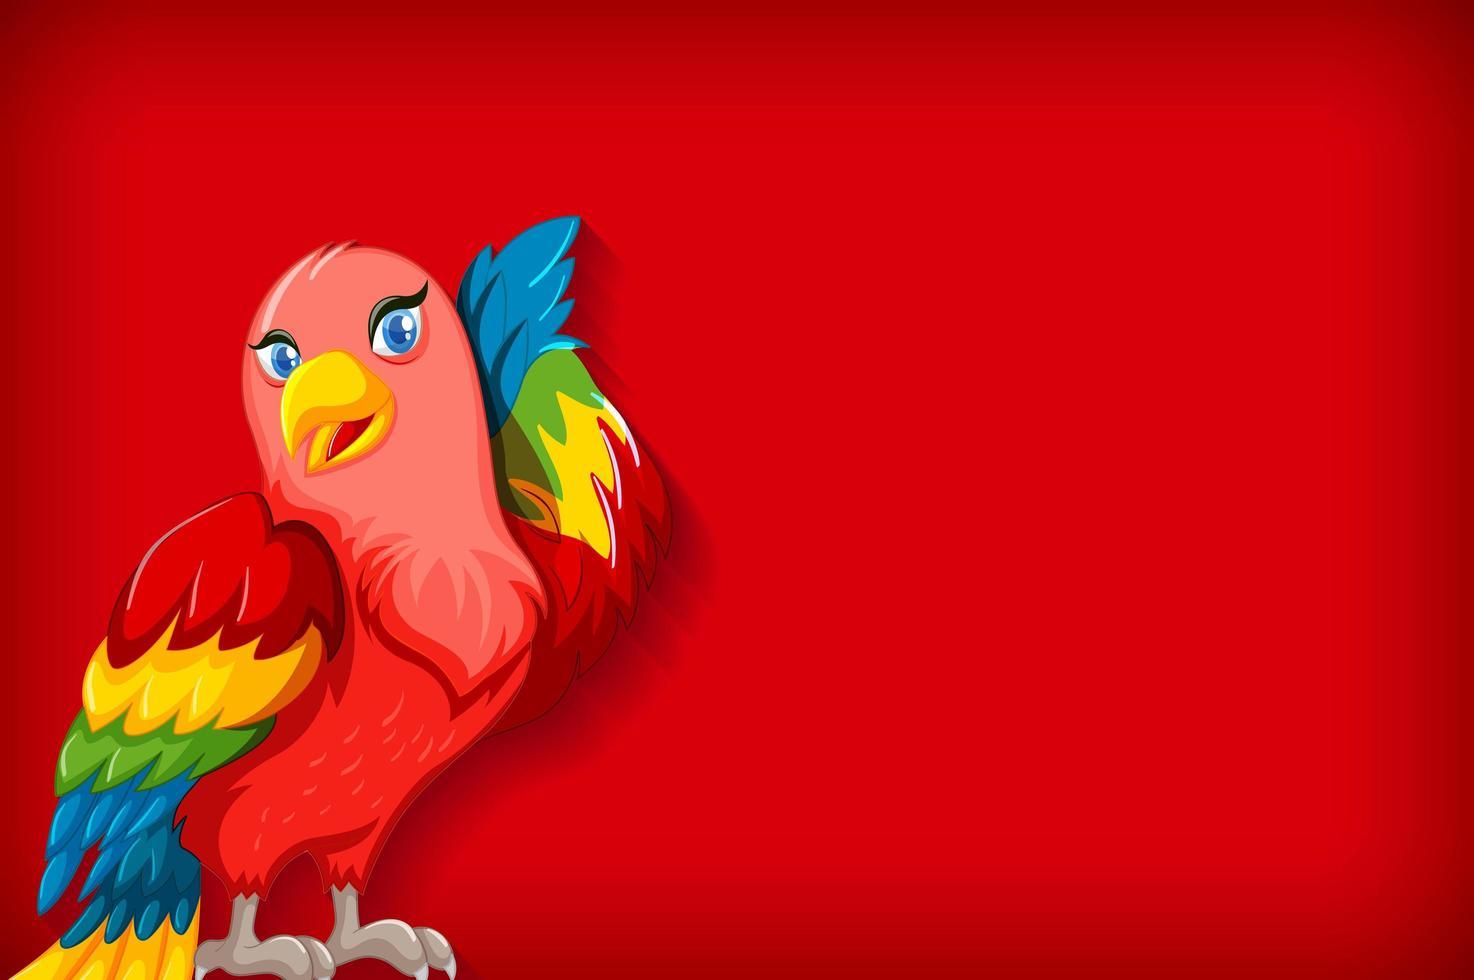 modèle de fond avec une couleur unie et un perroquet coloré vecteur